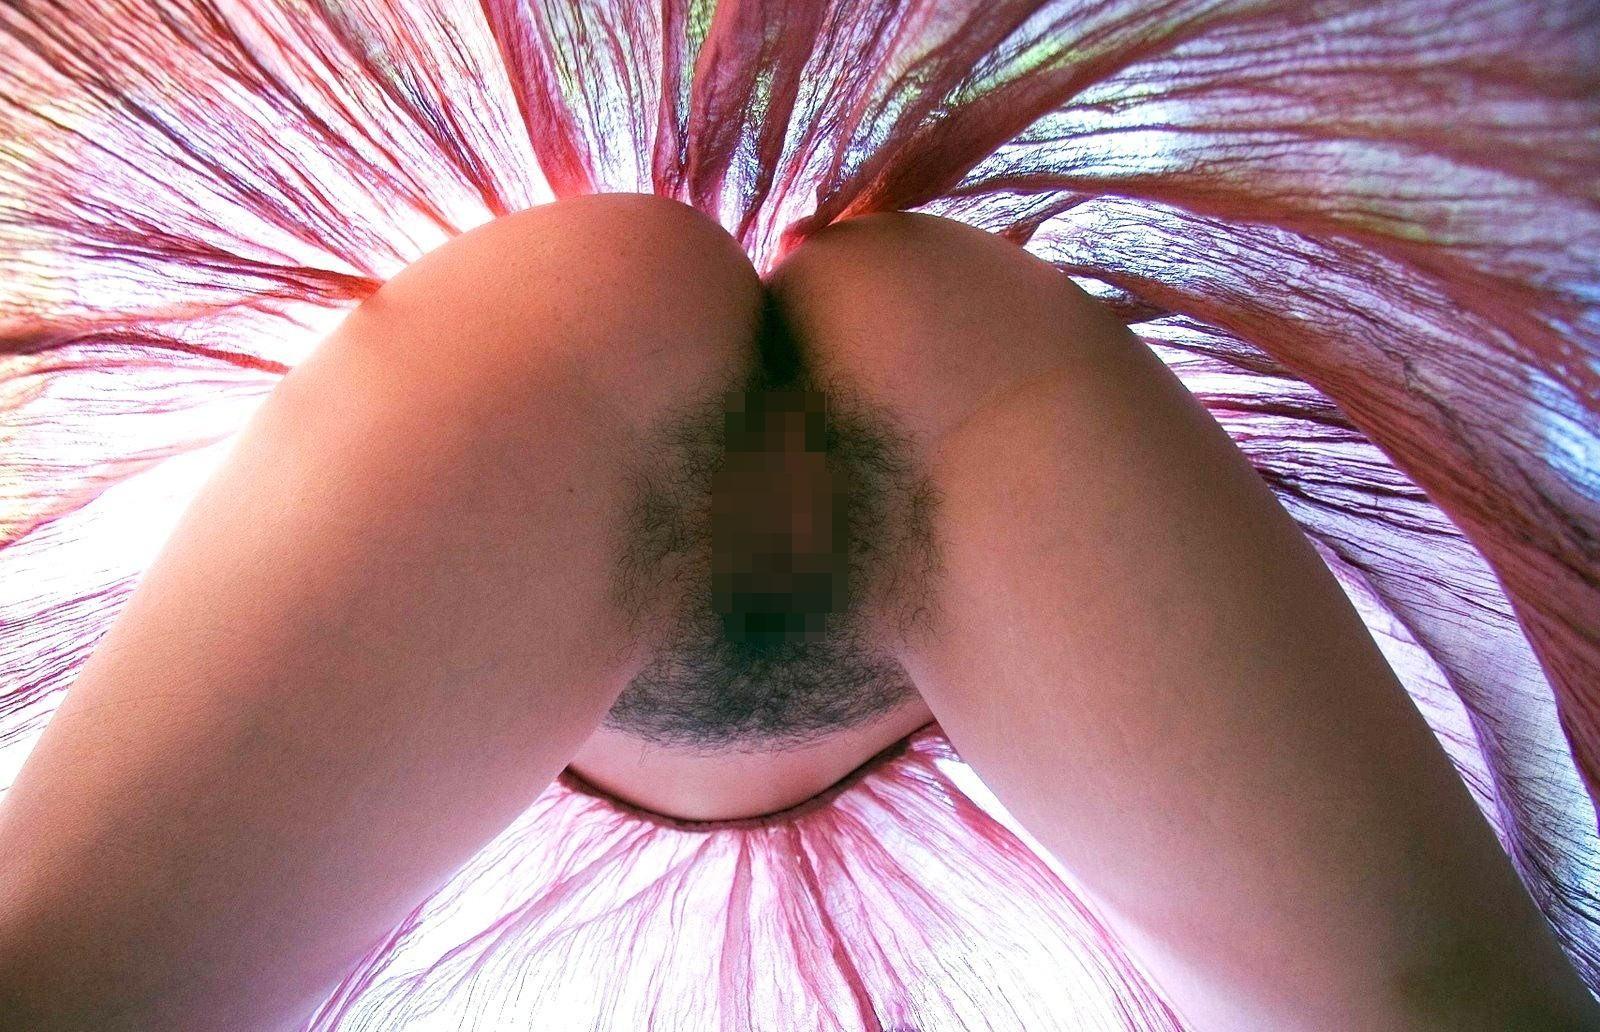 【陰毛エロ画像】脱がせてビックリ!ゲジゲジ言うなしw剛毛女のモッサリ股間www 15